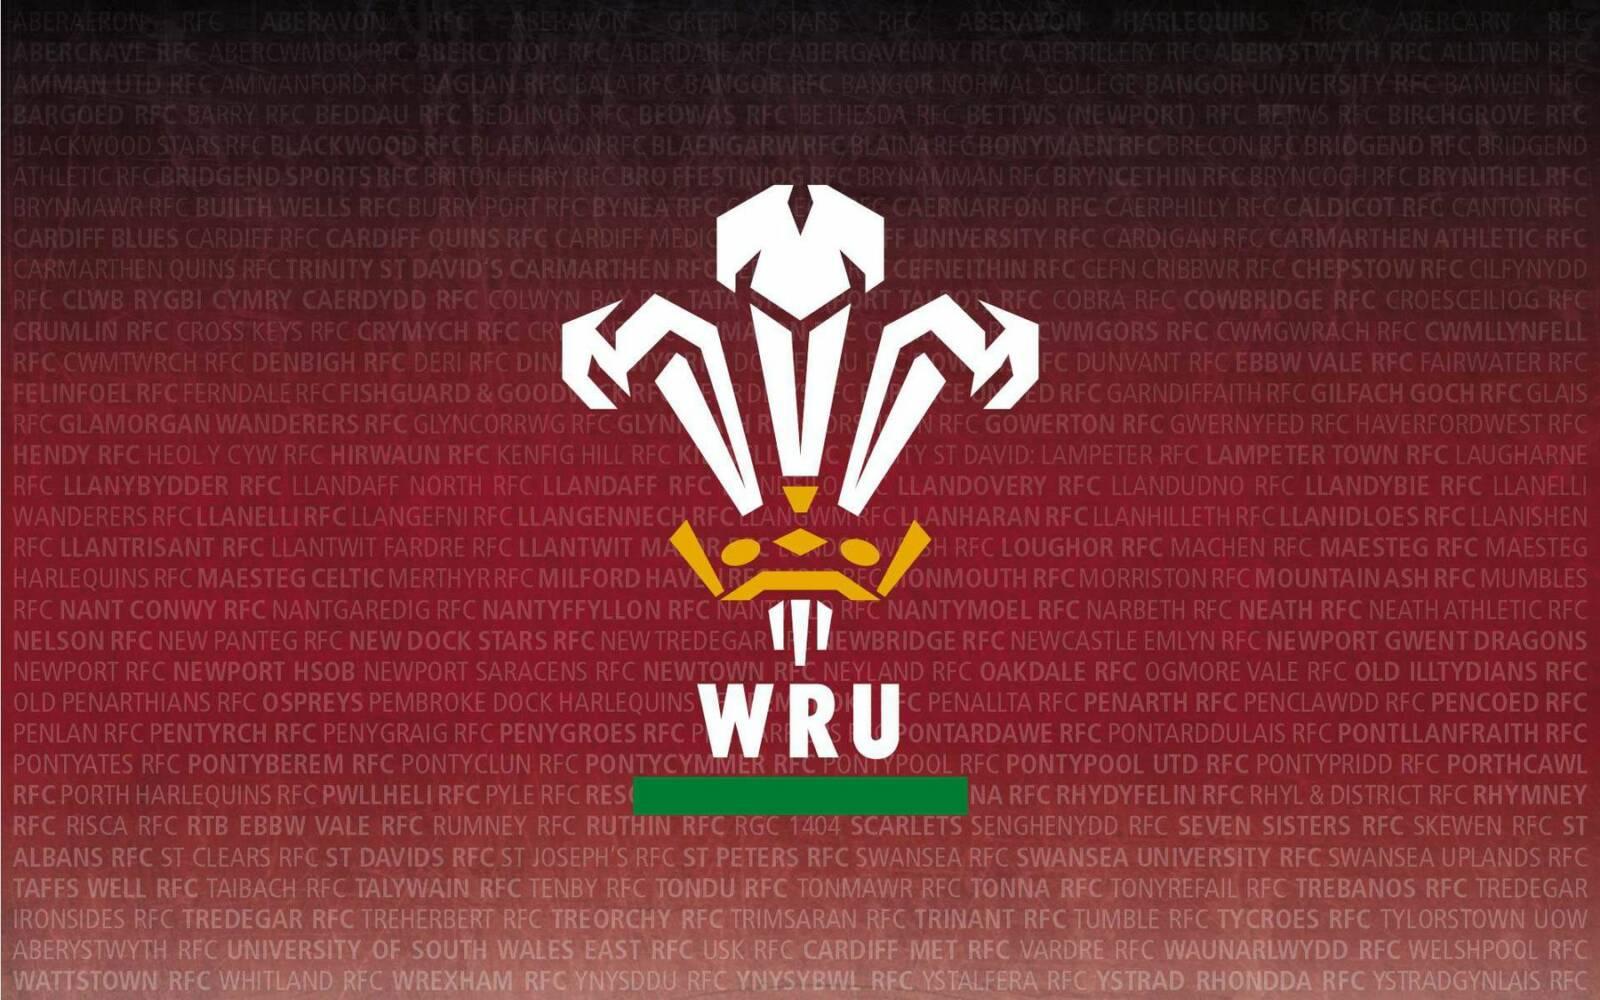 Wales game postponed